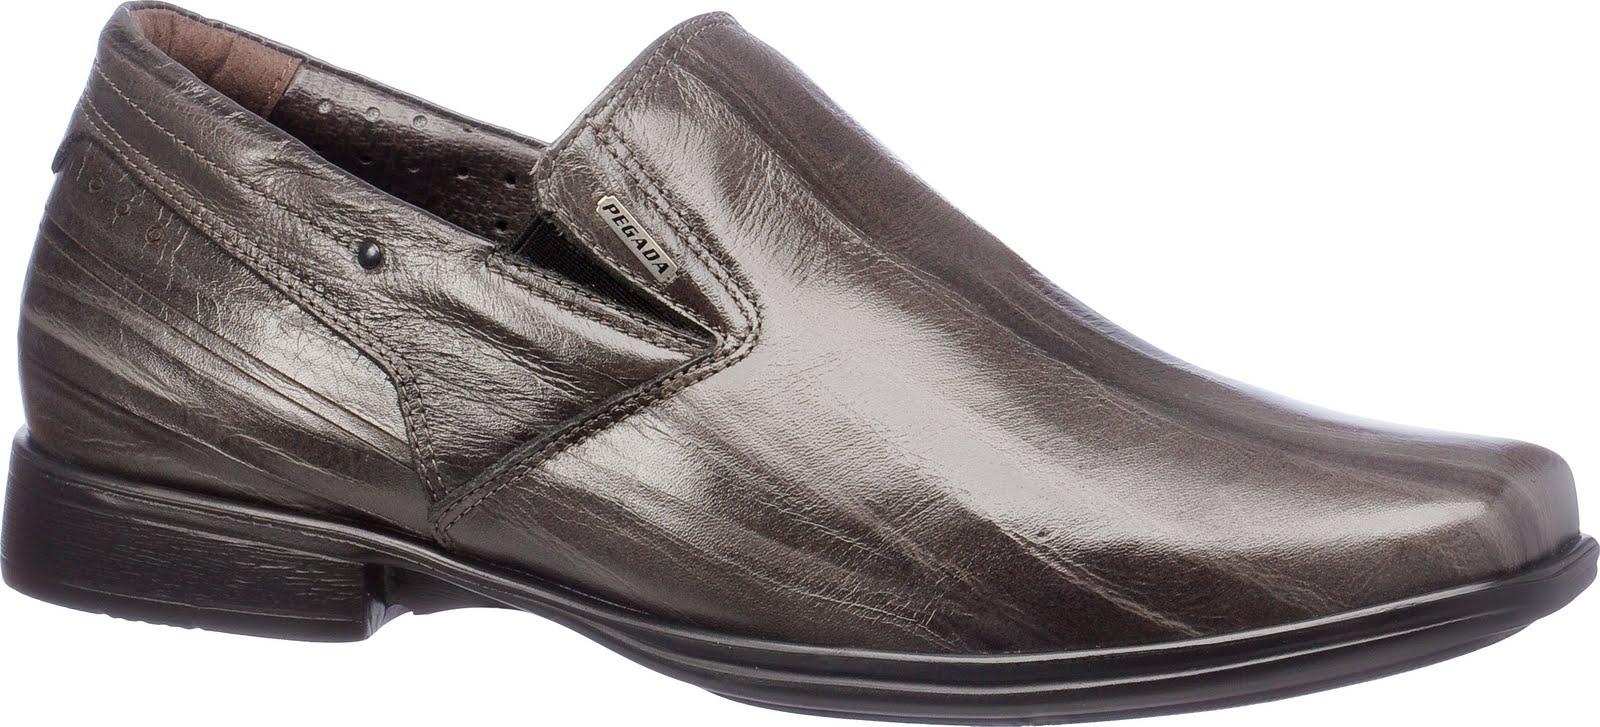 Coleção calçados pegada masculino 2015 http://www.cantinhojutavares.com